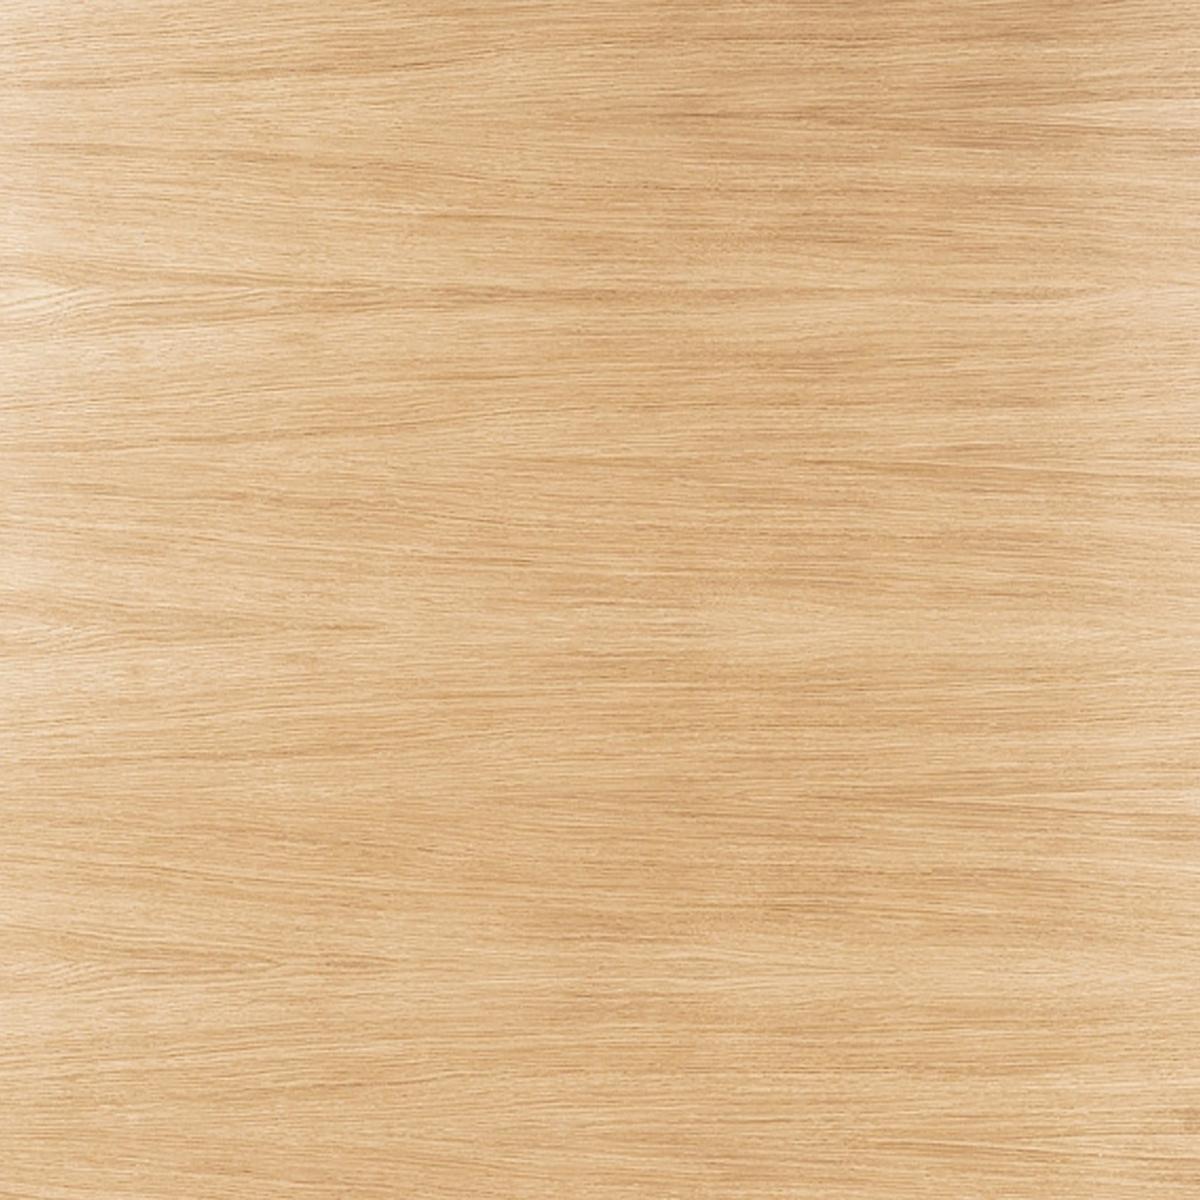 Esstisch Furnier 504180-1